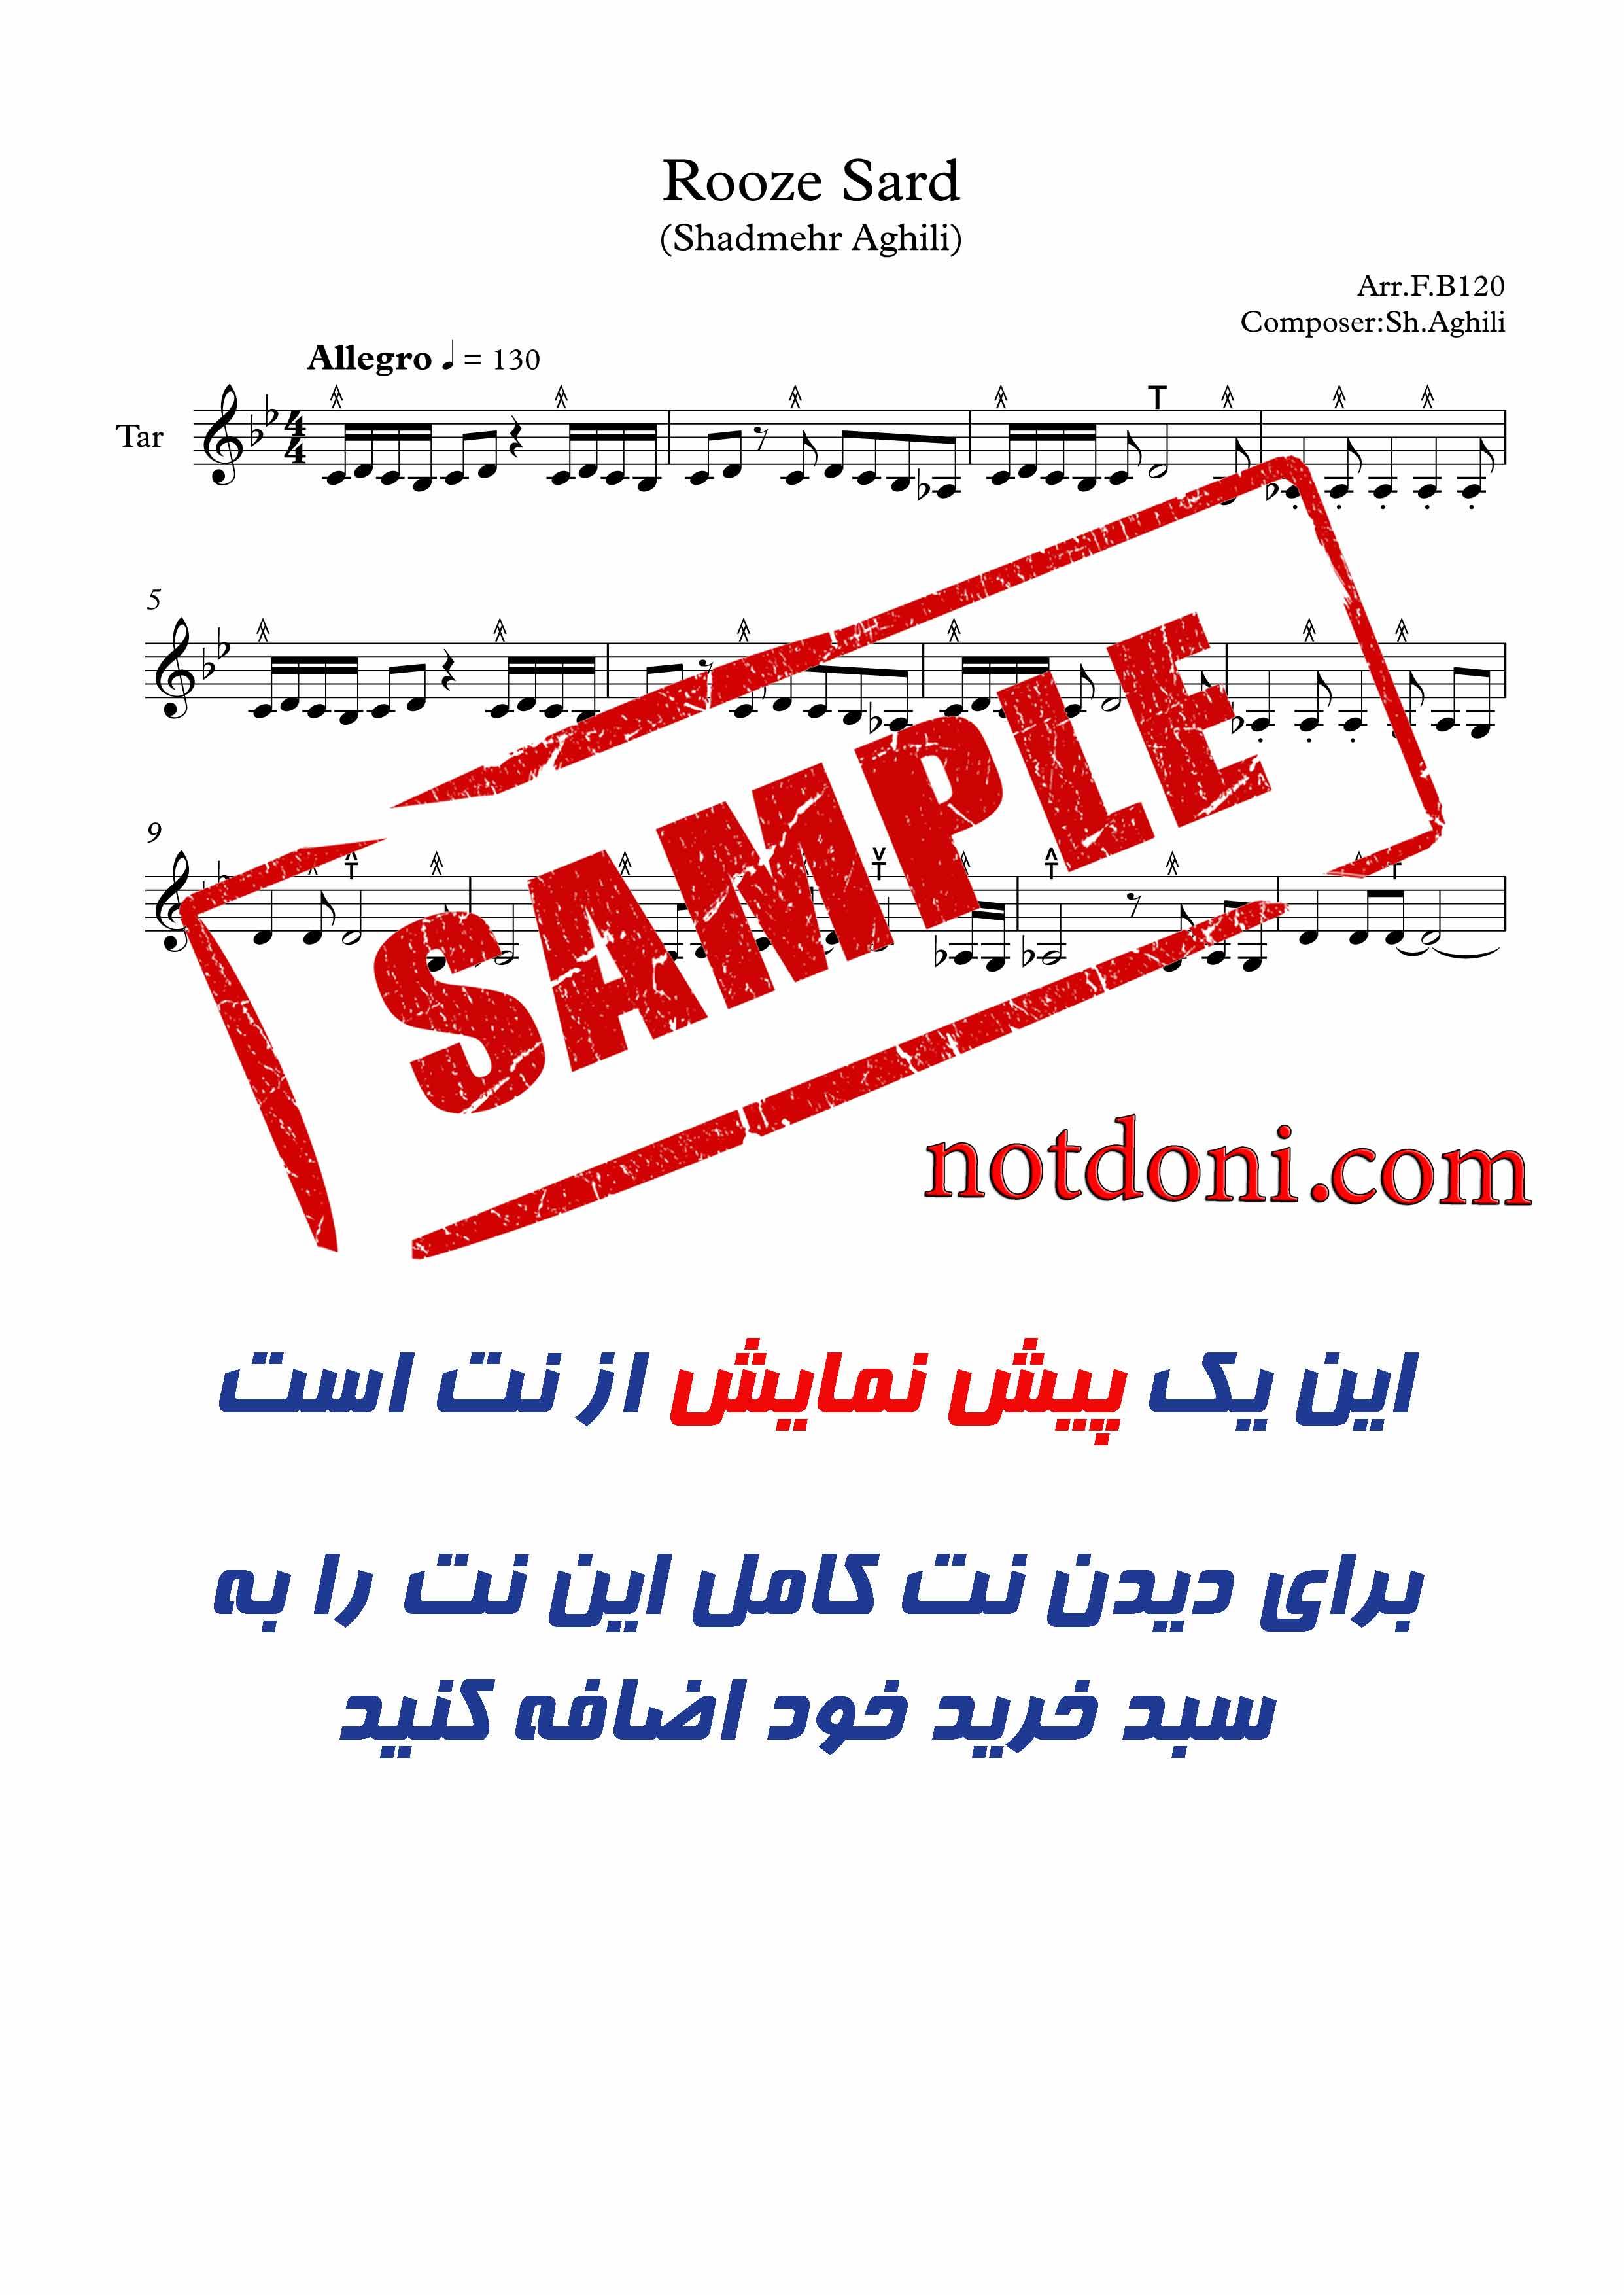 e11bd9bd-6fb3-4653-8bca-42a716fc85a9_دموی-نت-آهنگ-روز-سرد-تار.jpg